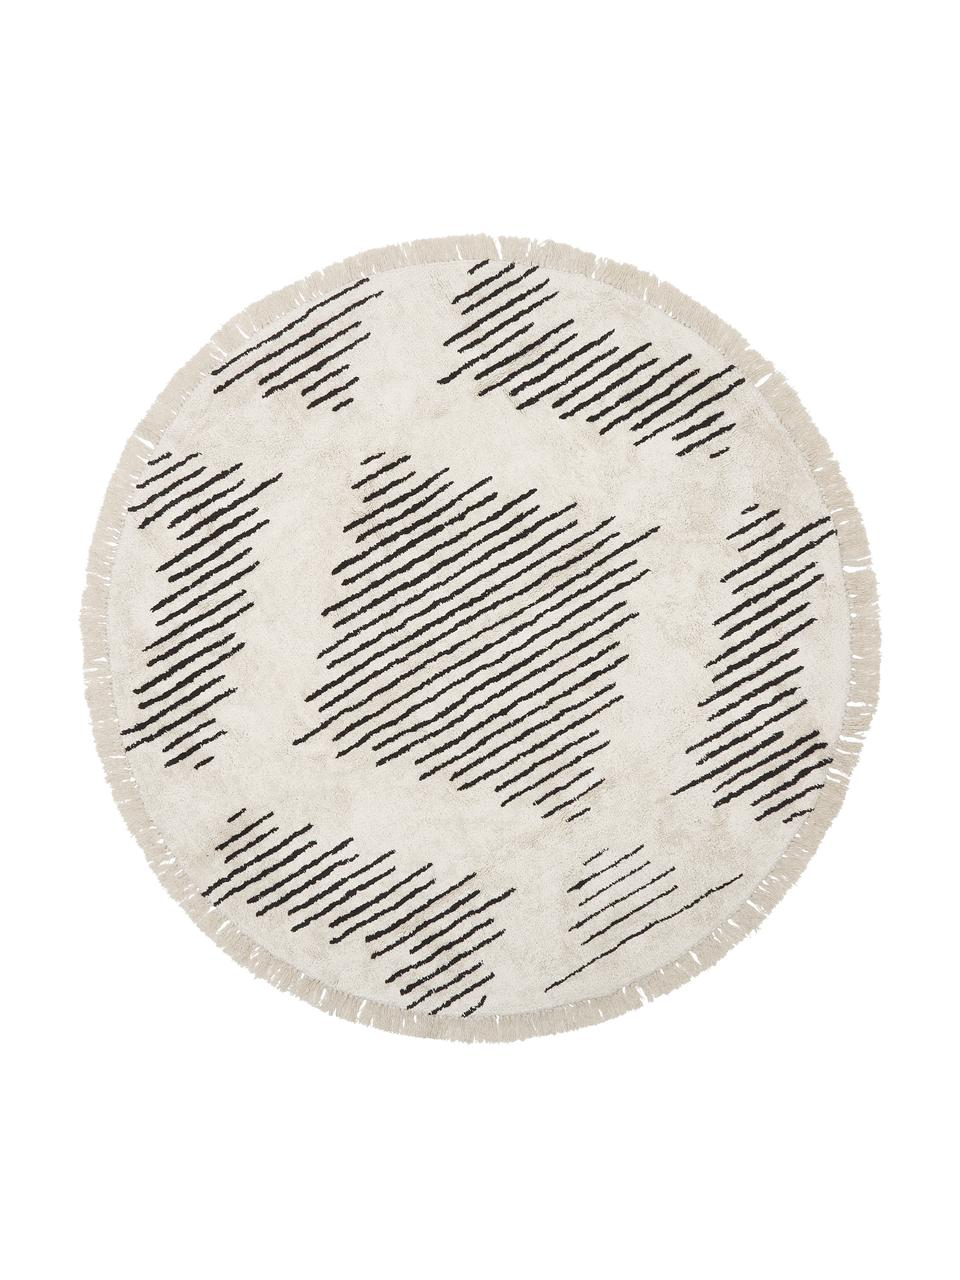 Okrągły ręcznie tuftowany dywan z bawełny w stylu boho z frędzlami Lines, 100% bawełna, Beżowy, czarny, Ø 150 cm (Rozmiar M)